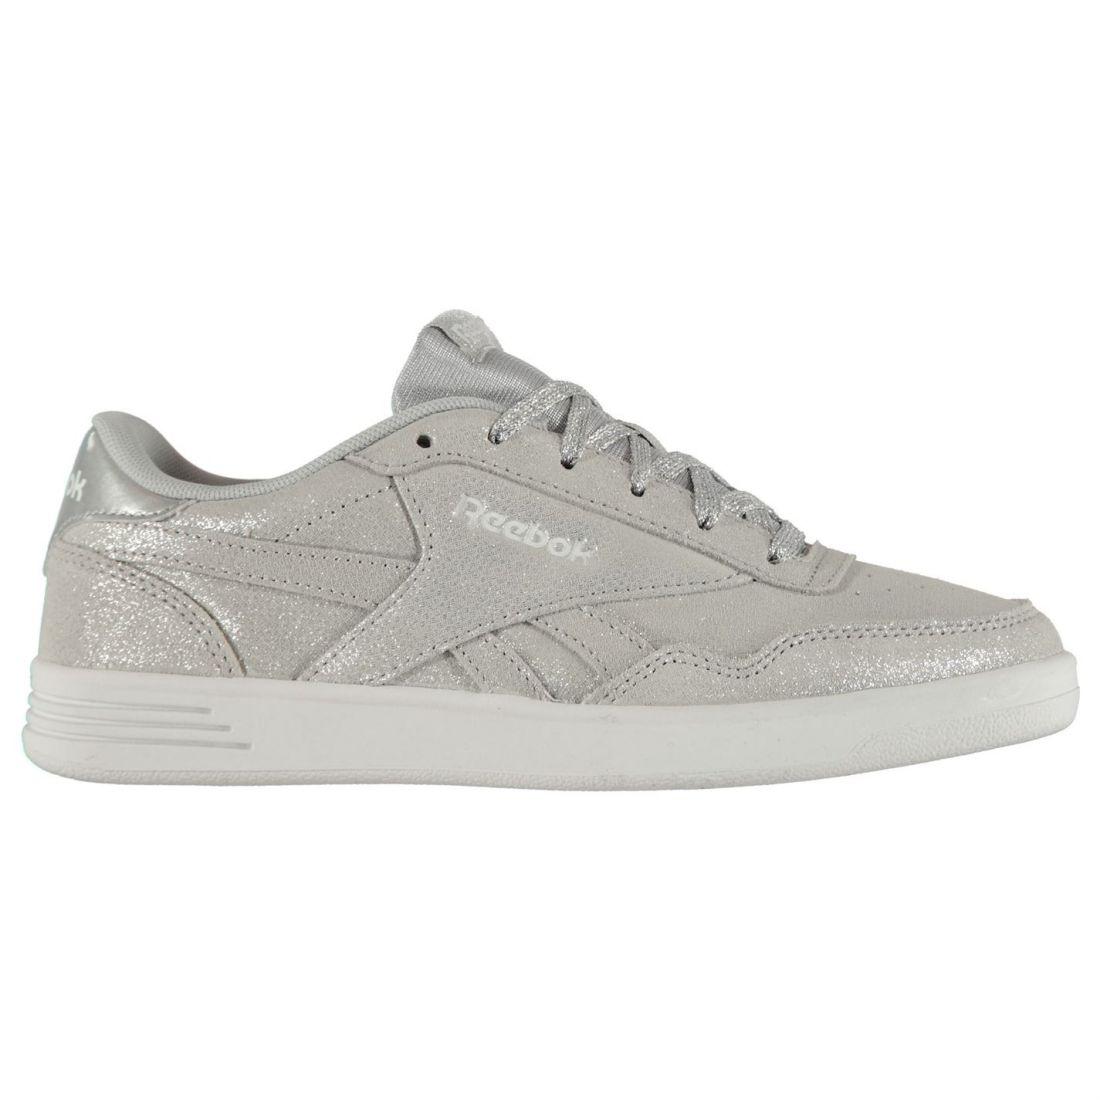 Techque pour rembourrᄄᆭs ᄄᄂ la lacets cheville et lacets Reebok Argentblanc Sneakers femmes Royal avec 7g6byf